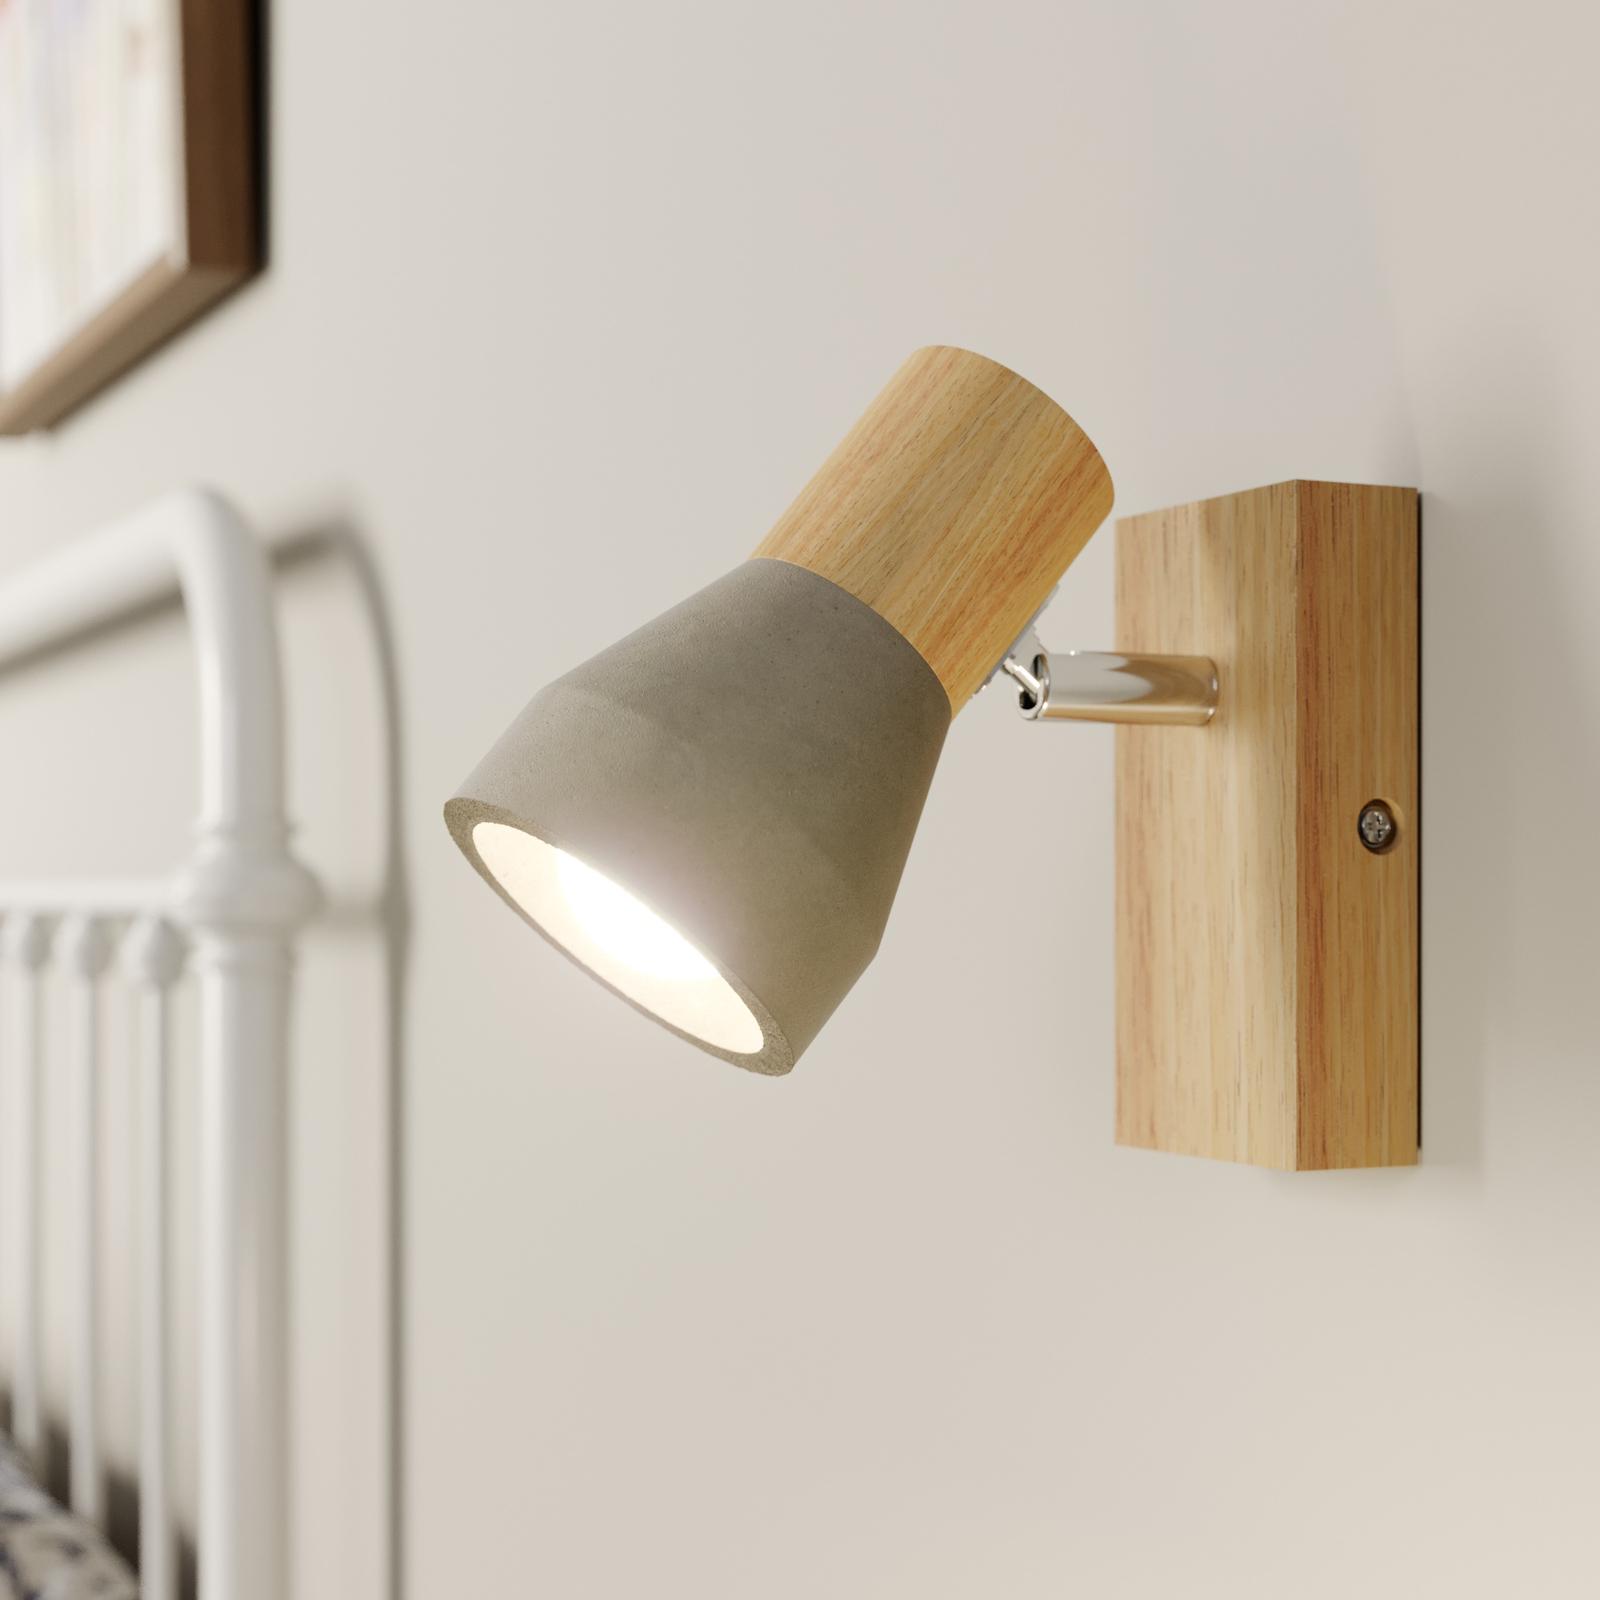 Faretto a LED Filiz in legno e cemento